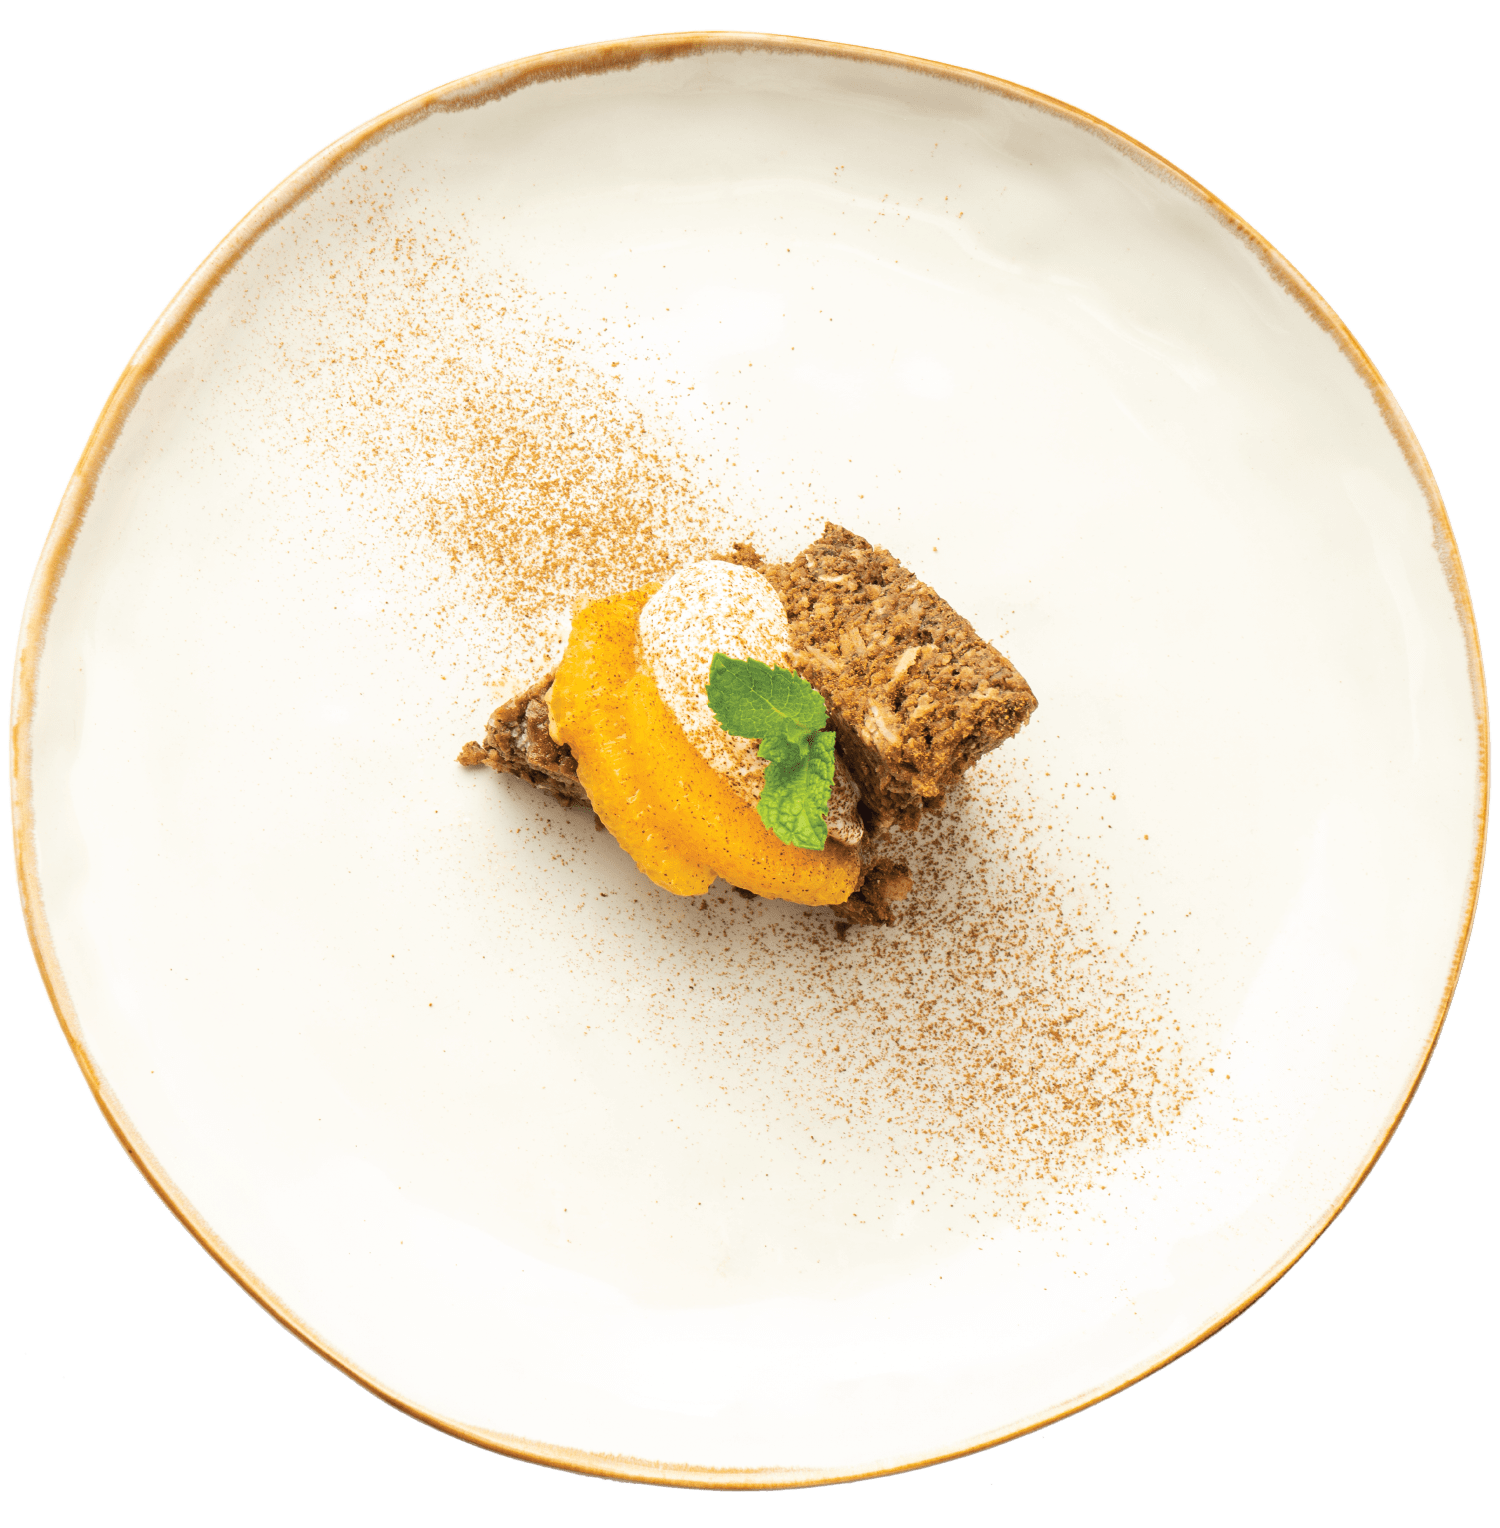 Bolo de feijão-preto com amêndoas